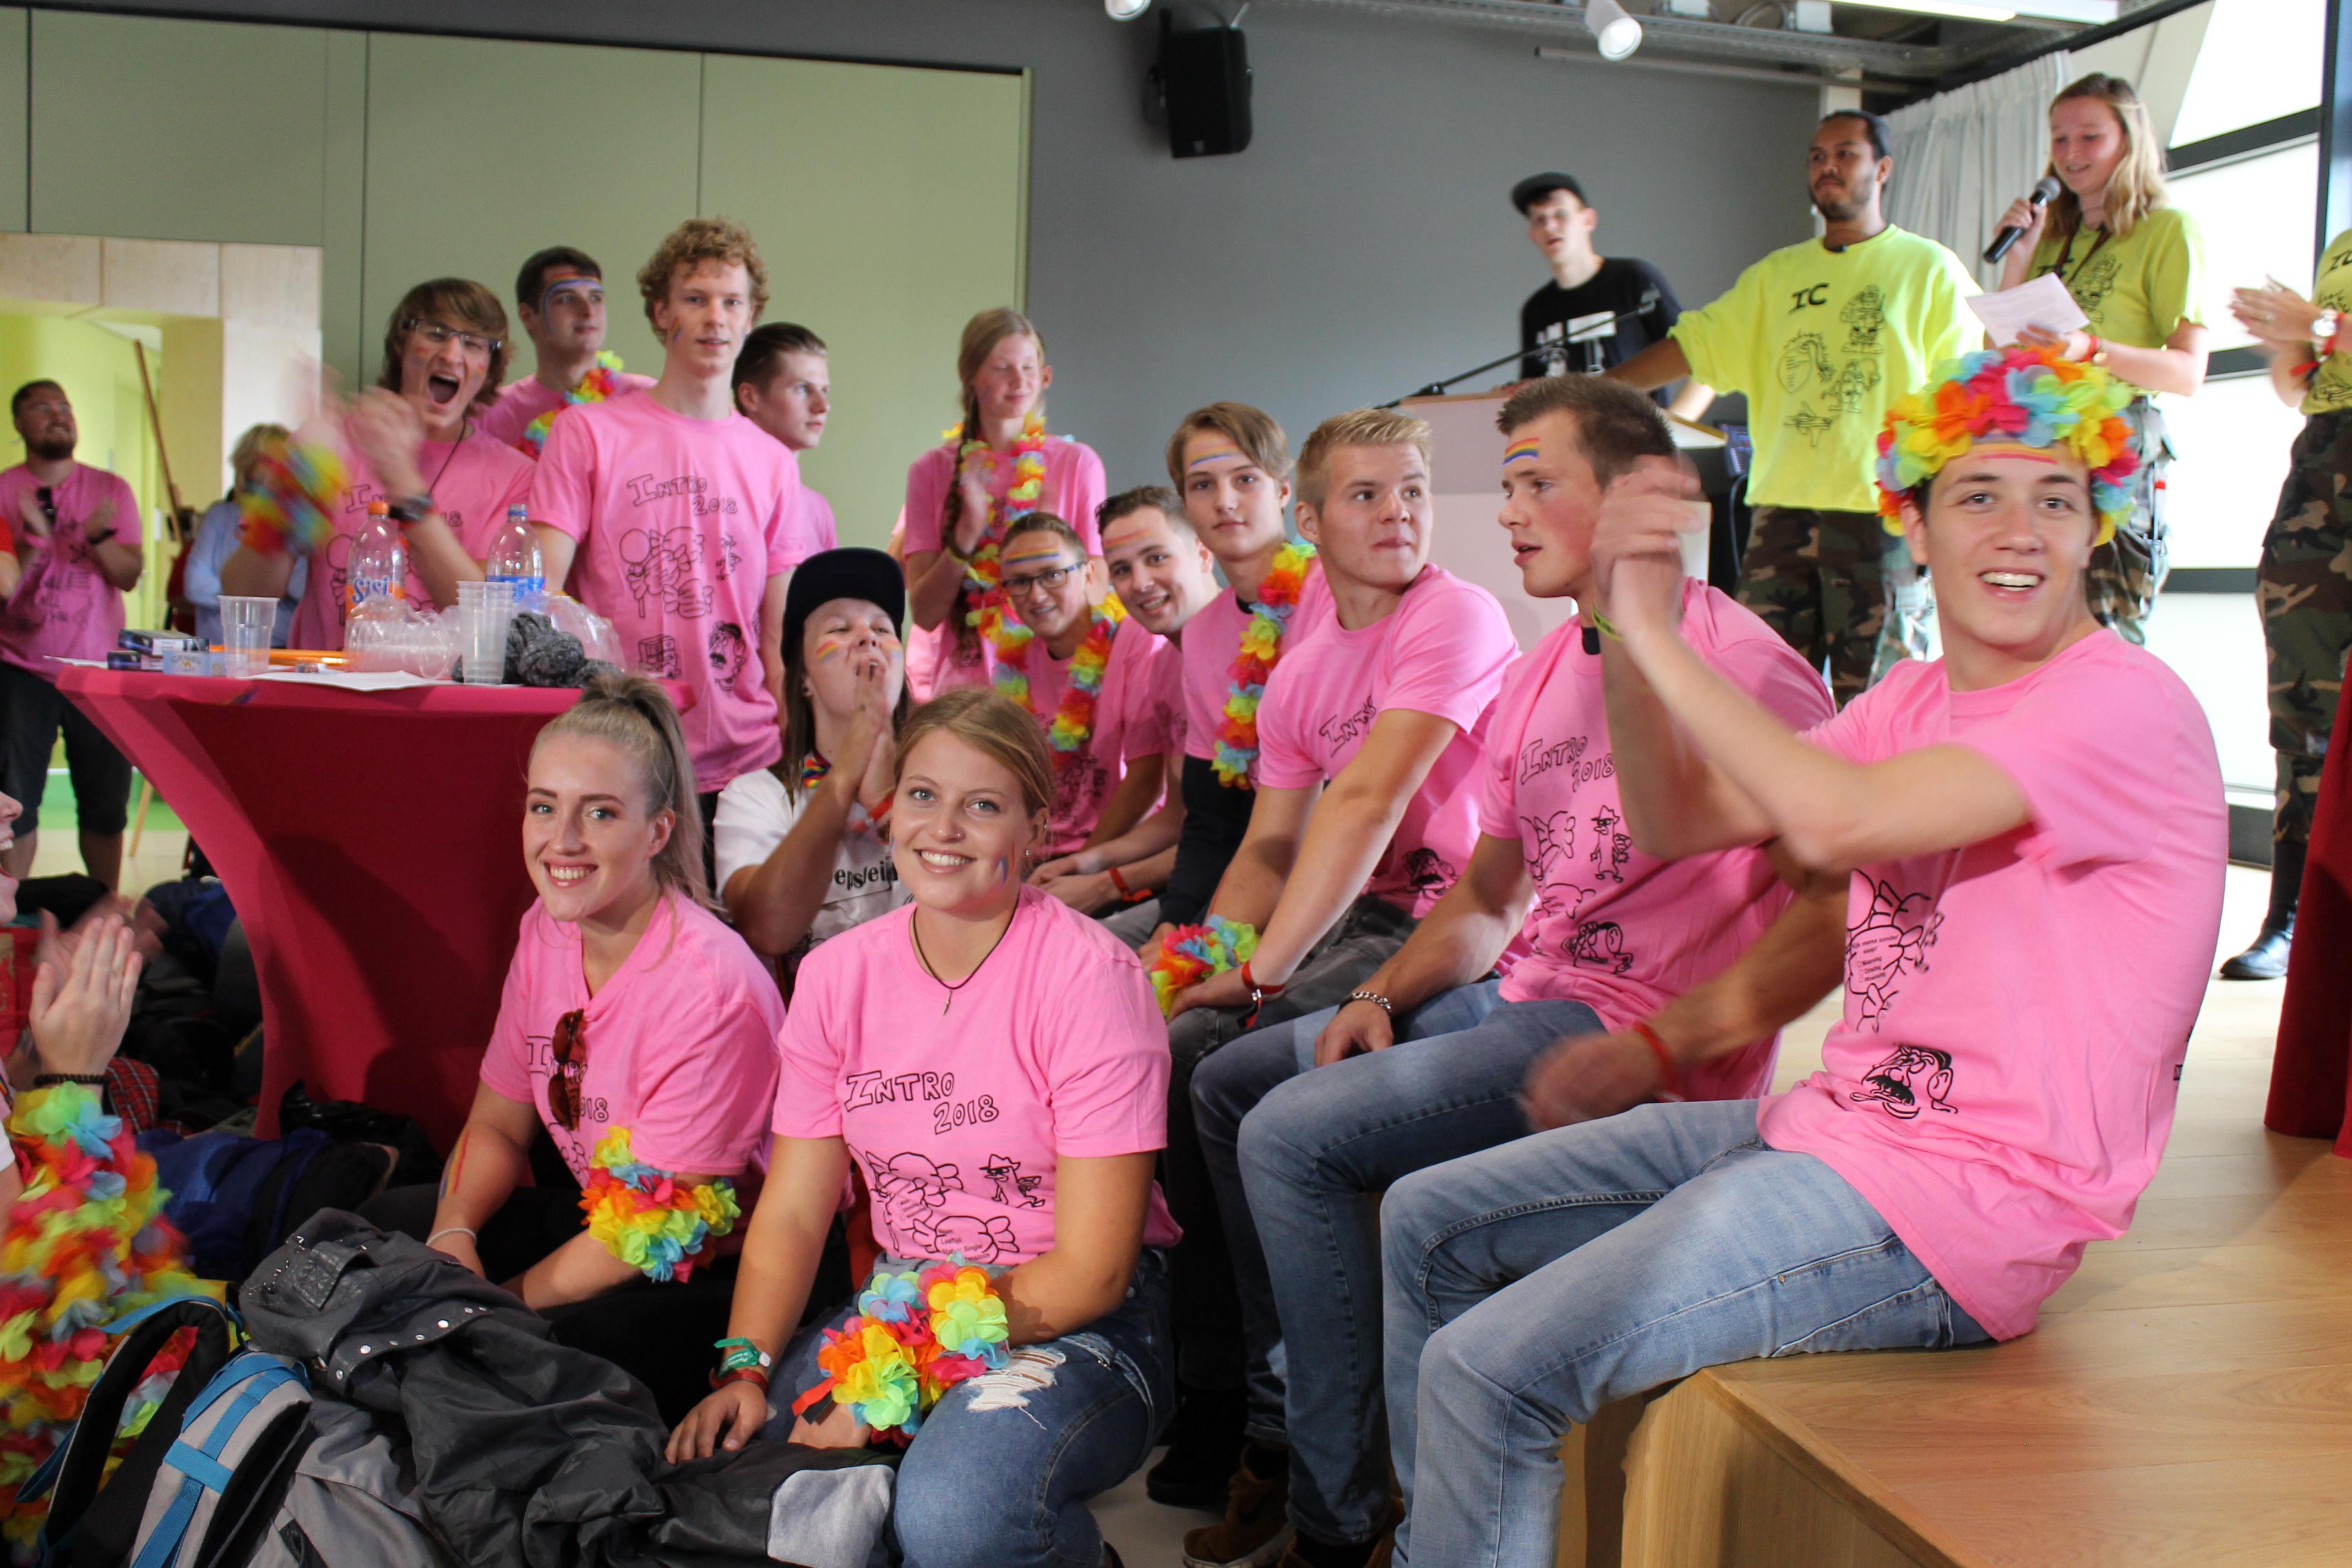 De 'nullen' zijn klaar voor een spectaculaire feestweek, voorafgaand aan hun studio aan Hogeschool Inholland Alkmaar. (Foto: aangeleverd)